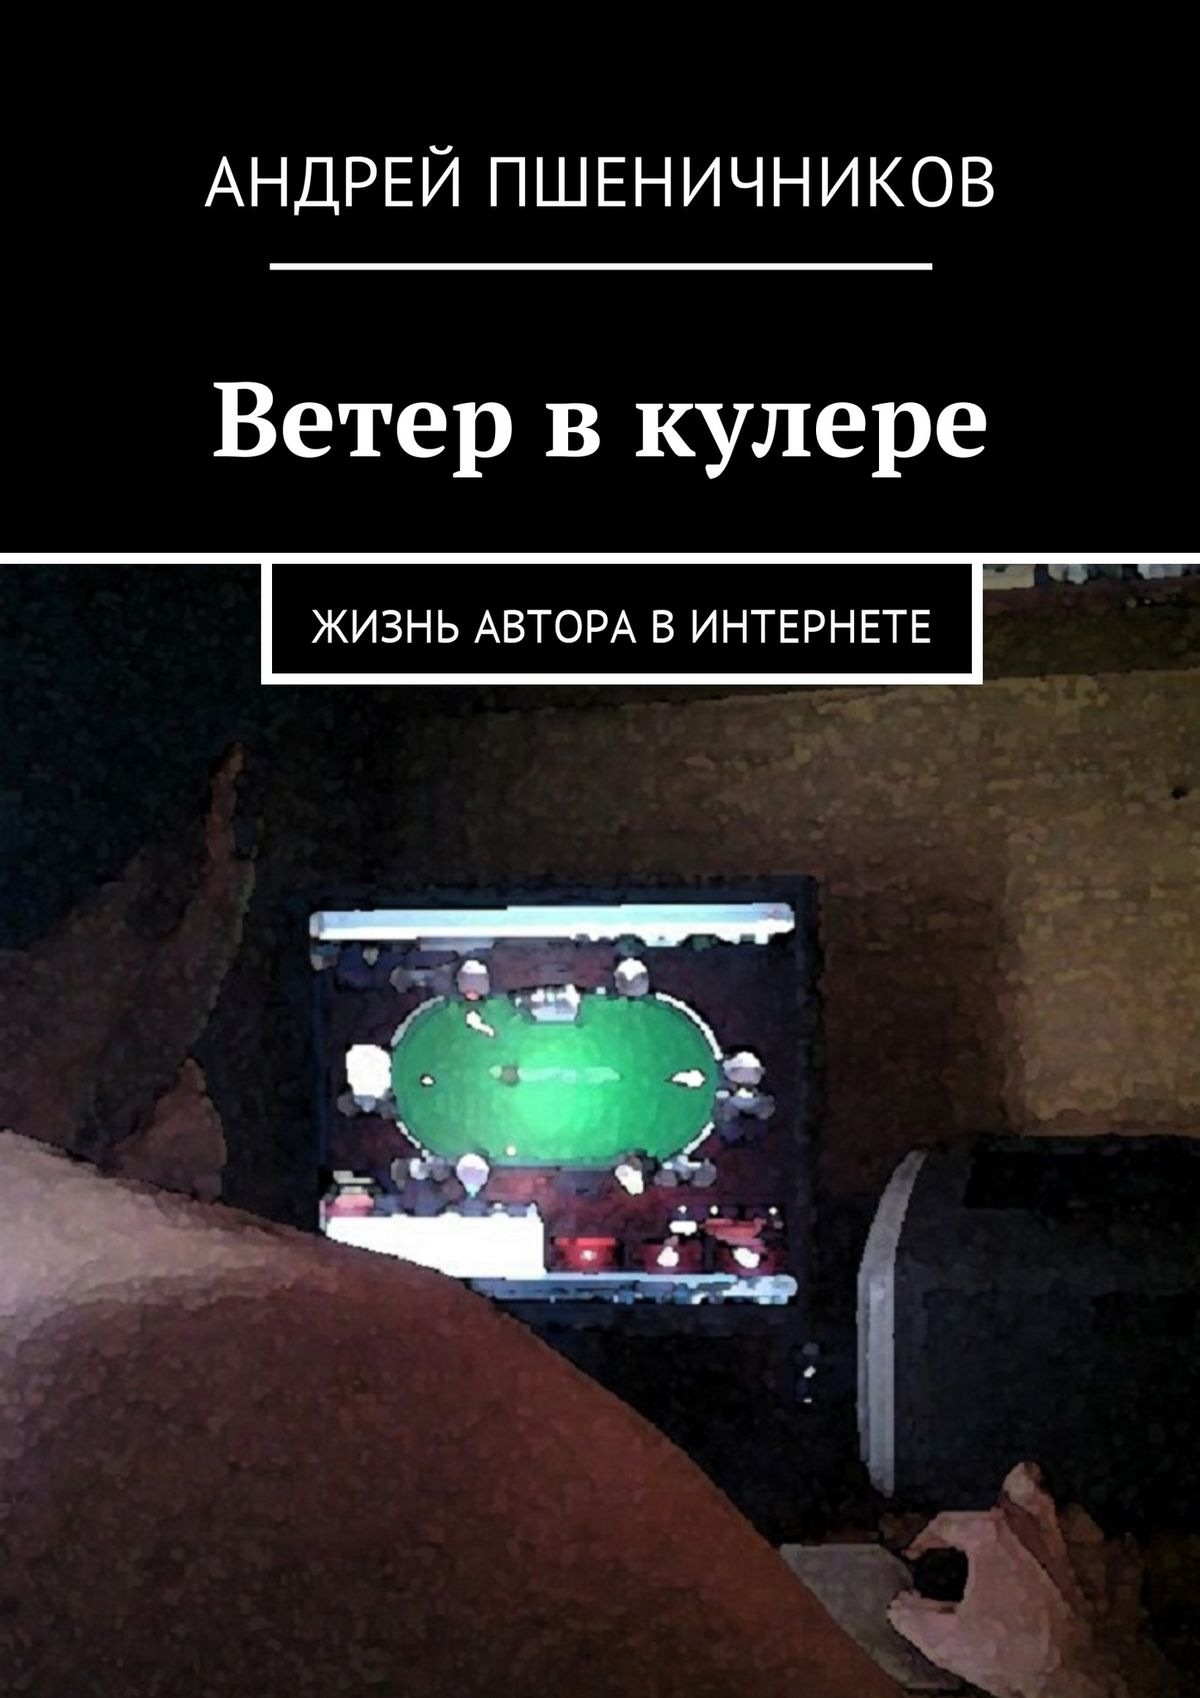 Андрей Пшеничников Ветер в кулере. Жизнь автора в Интернете